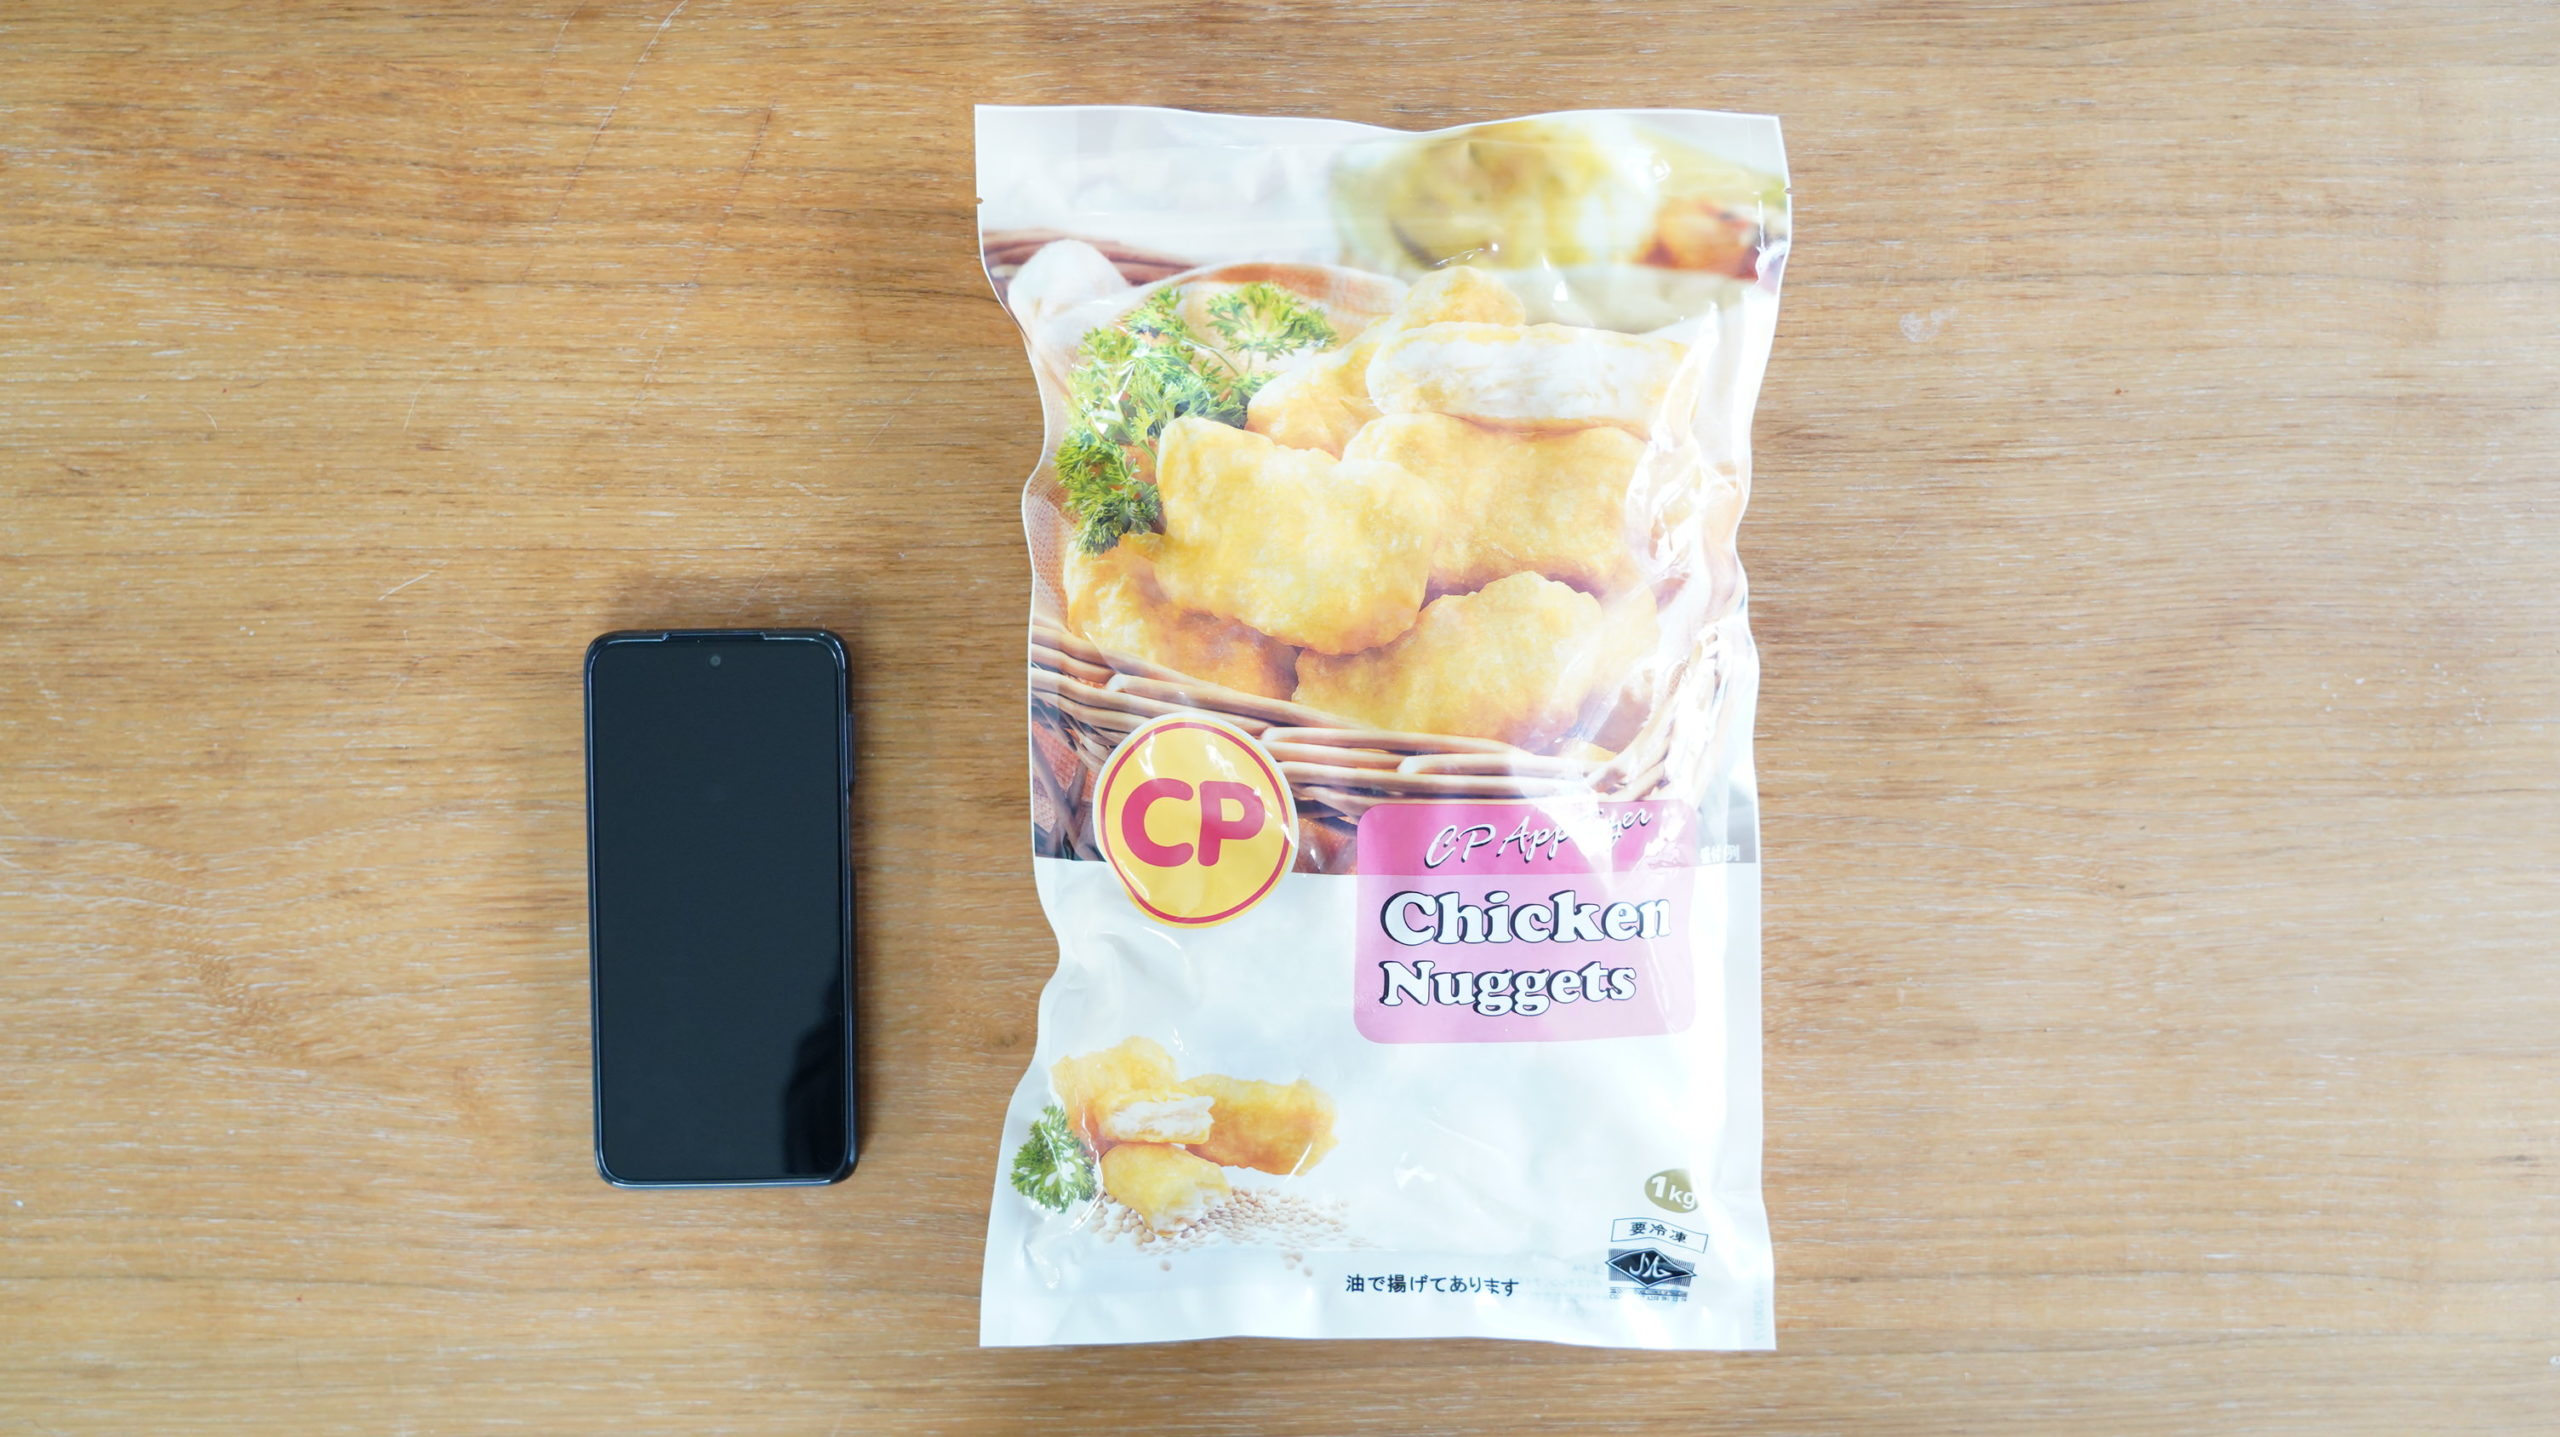 コストコの冷凍食品「CP チキンナゲット」とスマホの大きさを比較した写真